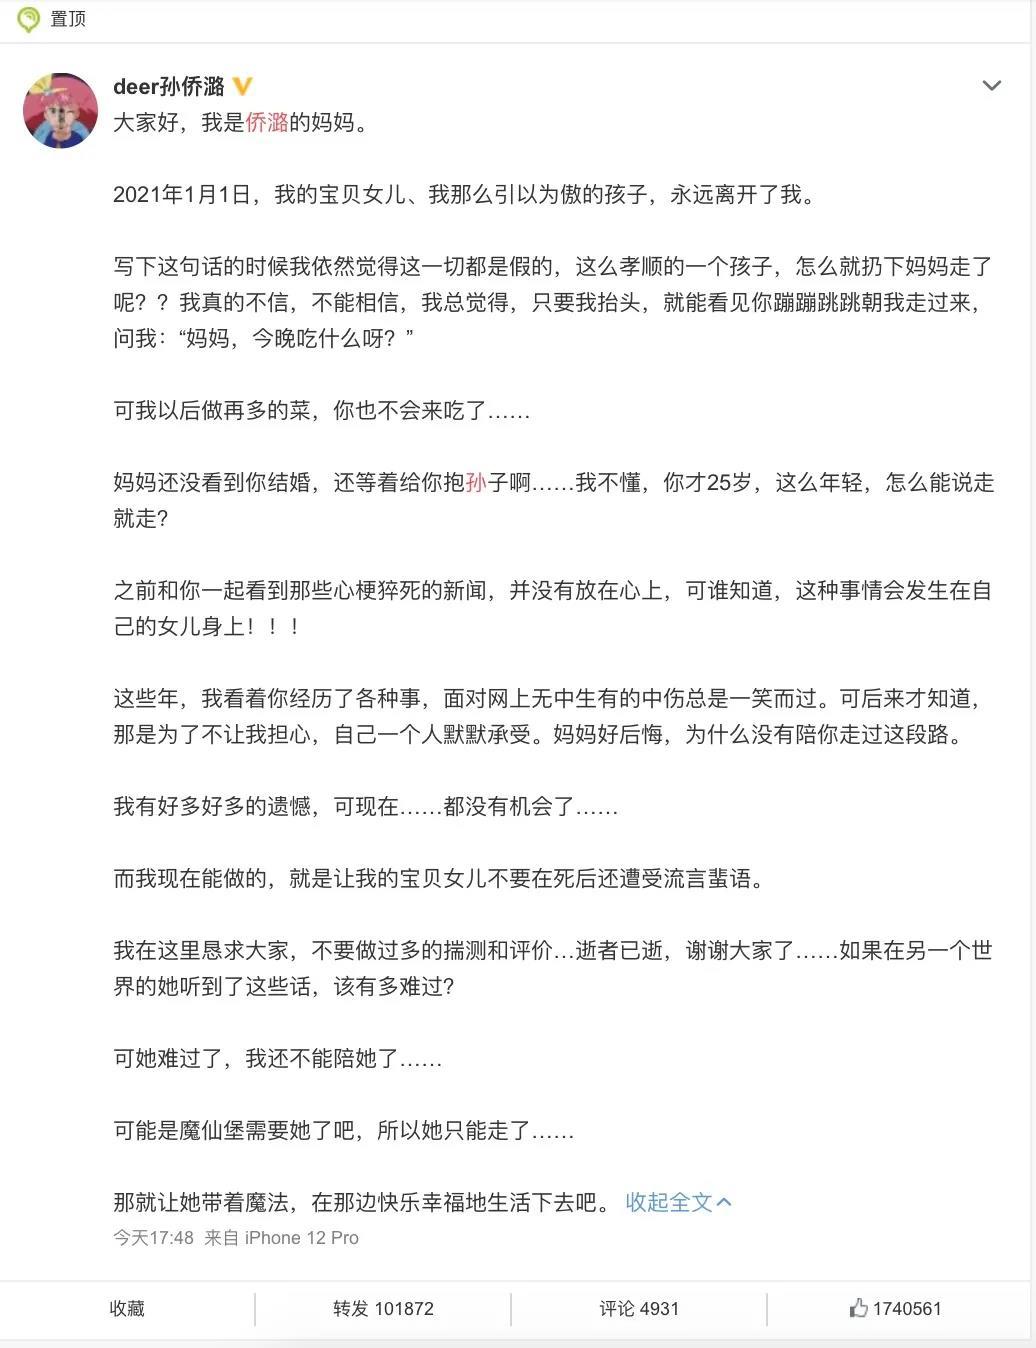 《巴啦啦小魔仙》扮演者孙侨潞猝死年仅25岁,生前一条视频曝光